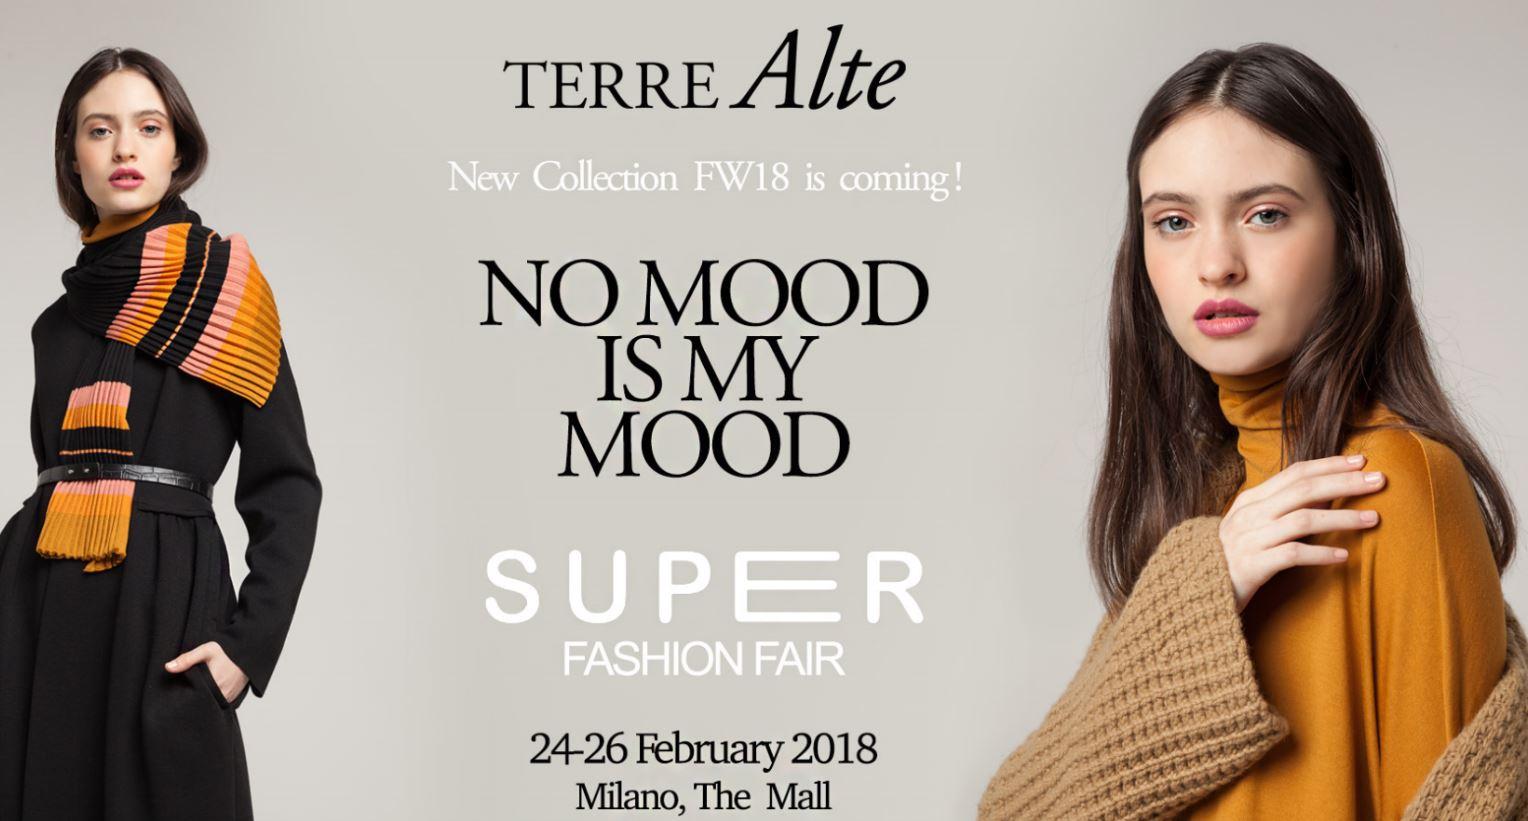 Il mood invernale per Terre Alte al prossimo Super Fashion Fair di Milano.